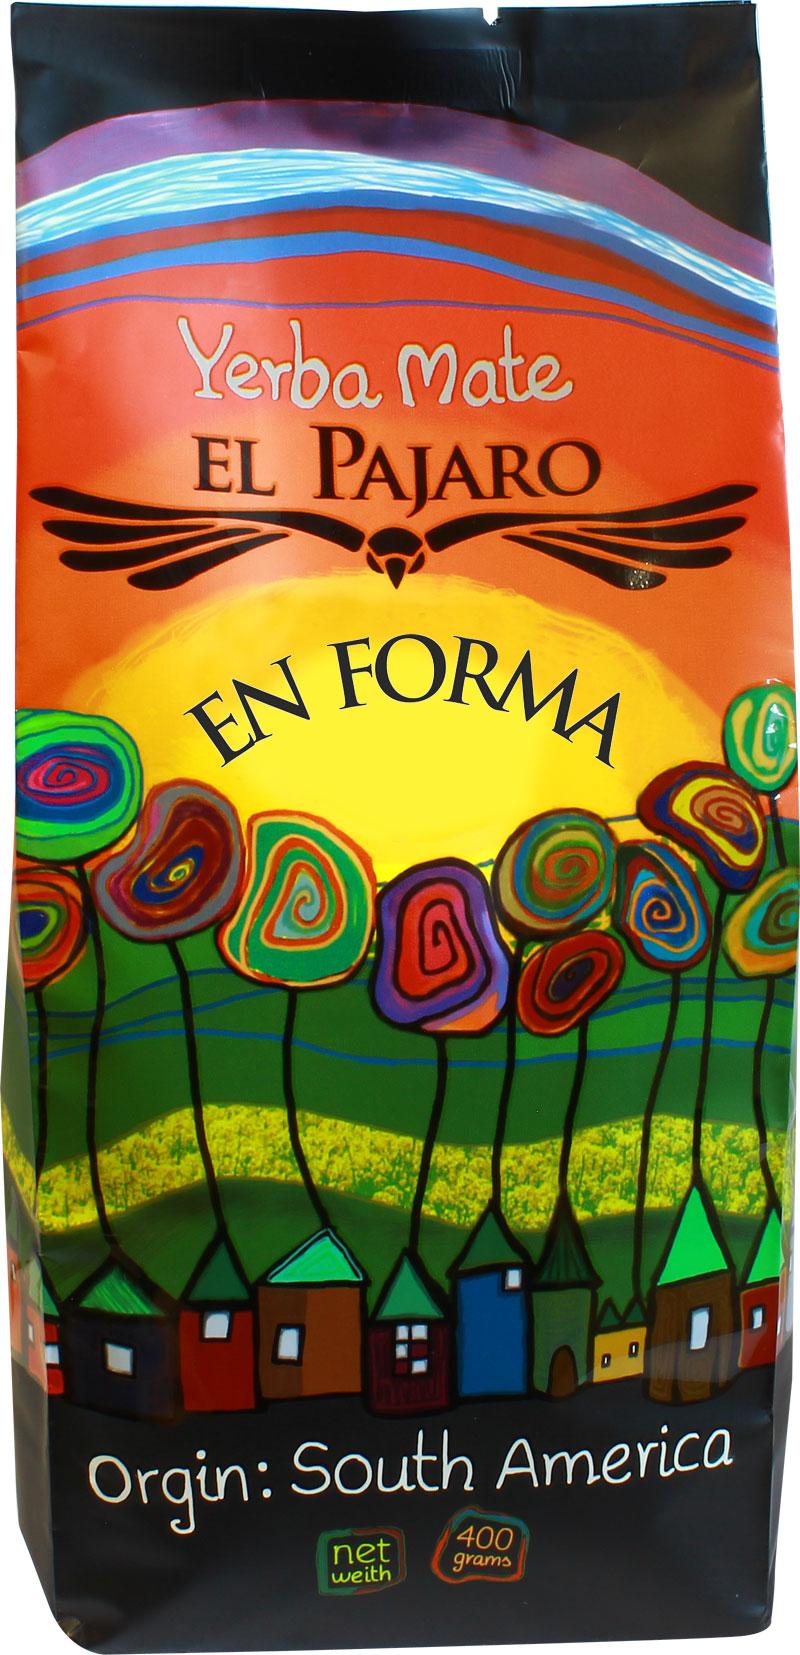 El_Pajaro_EN_FORMA